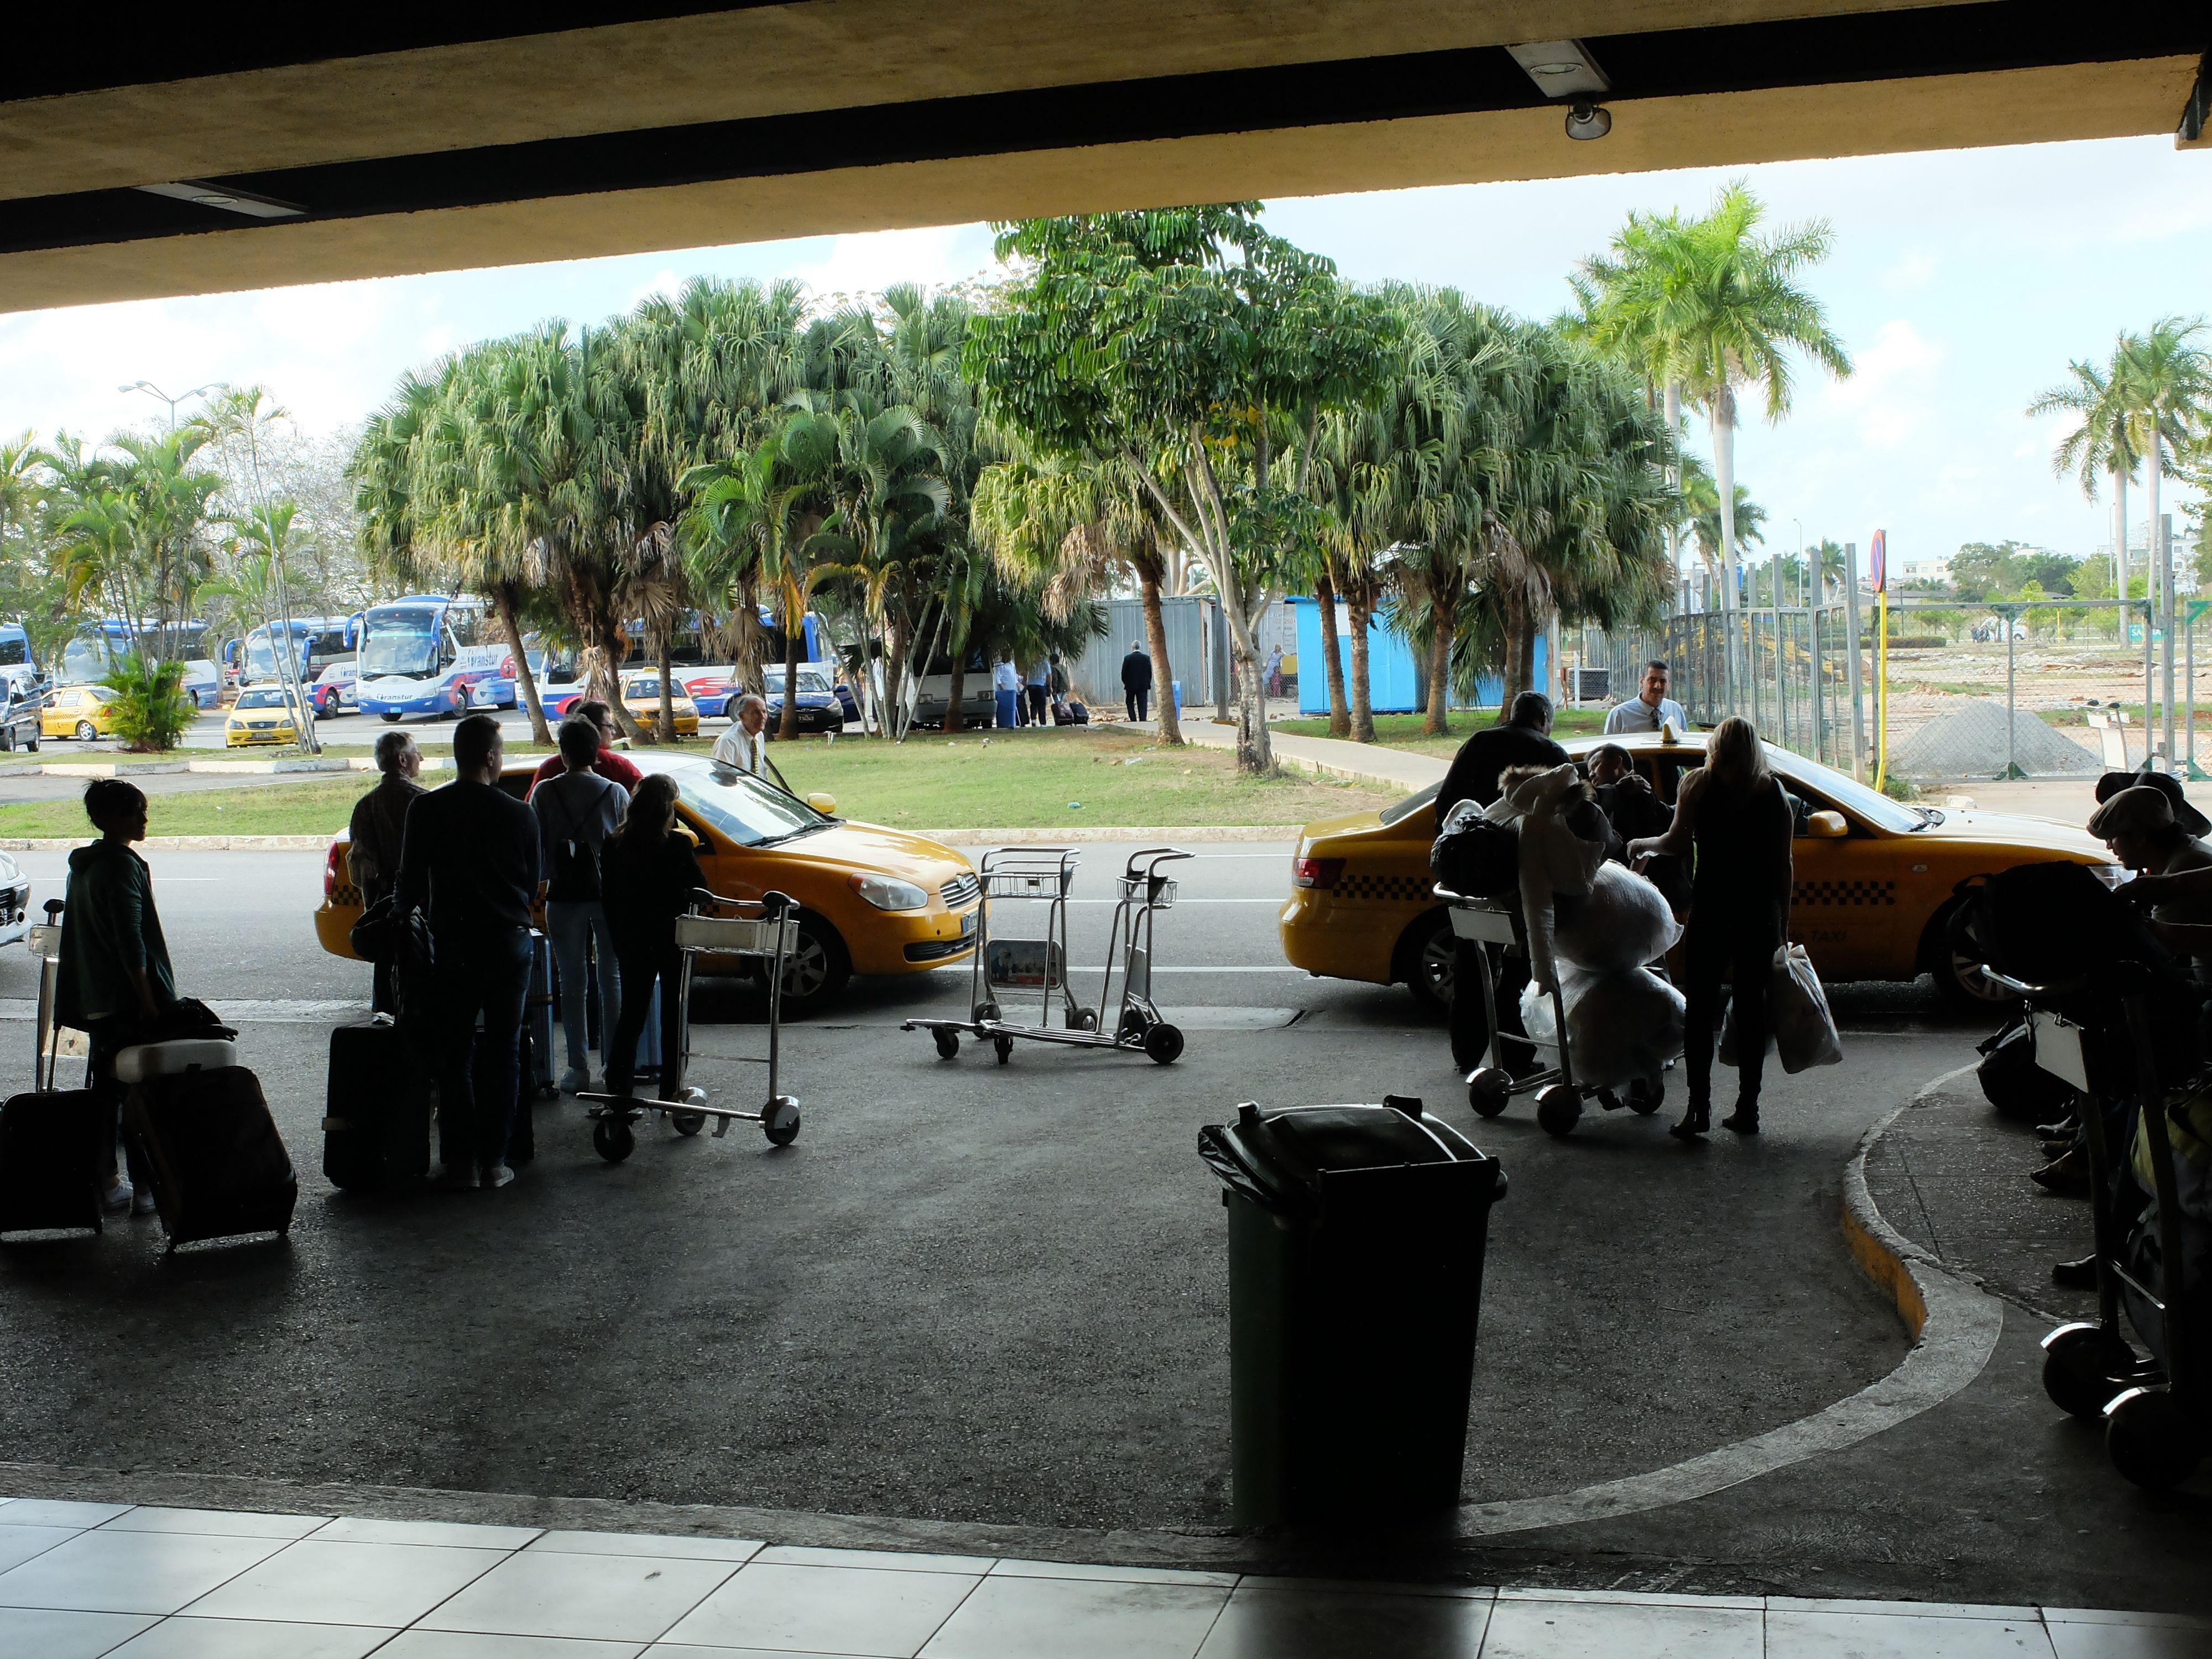 Aeroporto Havana Arrivi : Cuba aeroporto havana josè martin hav